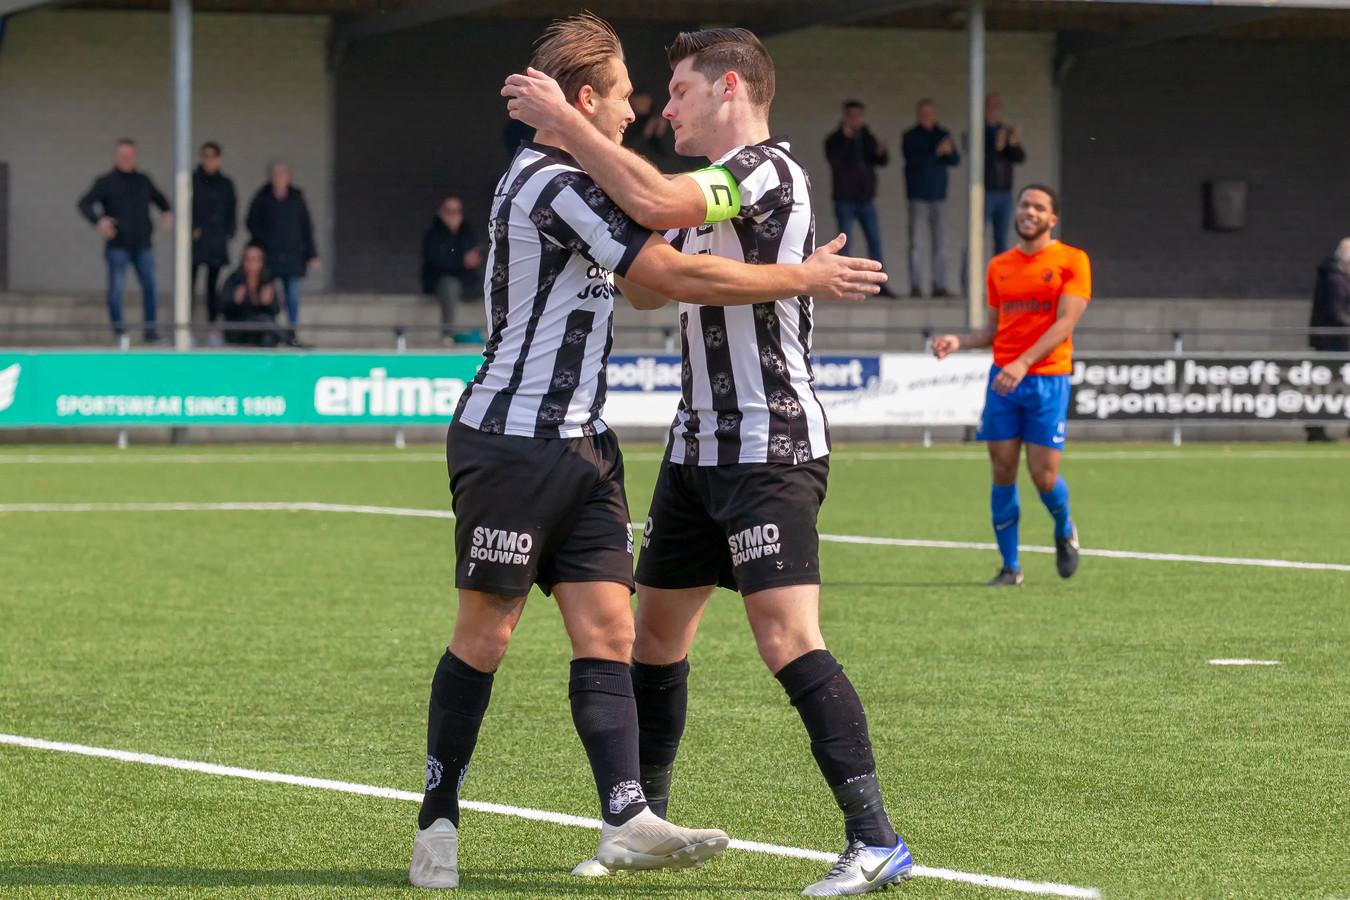 Ralf Kemper (links) wordt door Thijs van Pol gefeliciteerd na de 1-0.